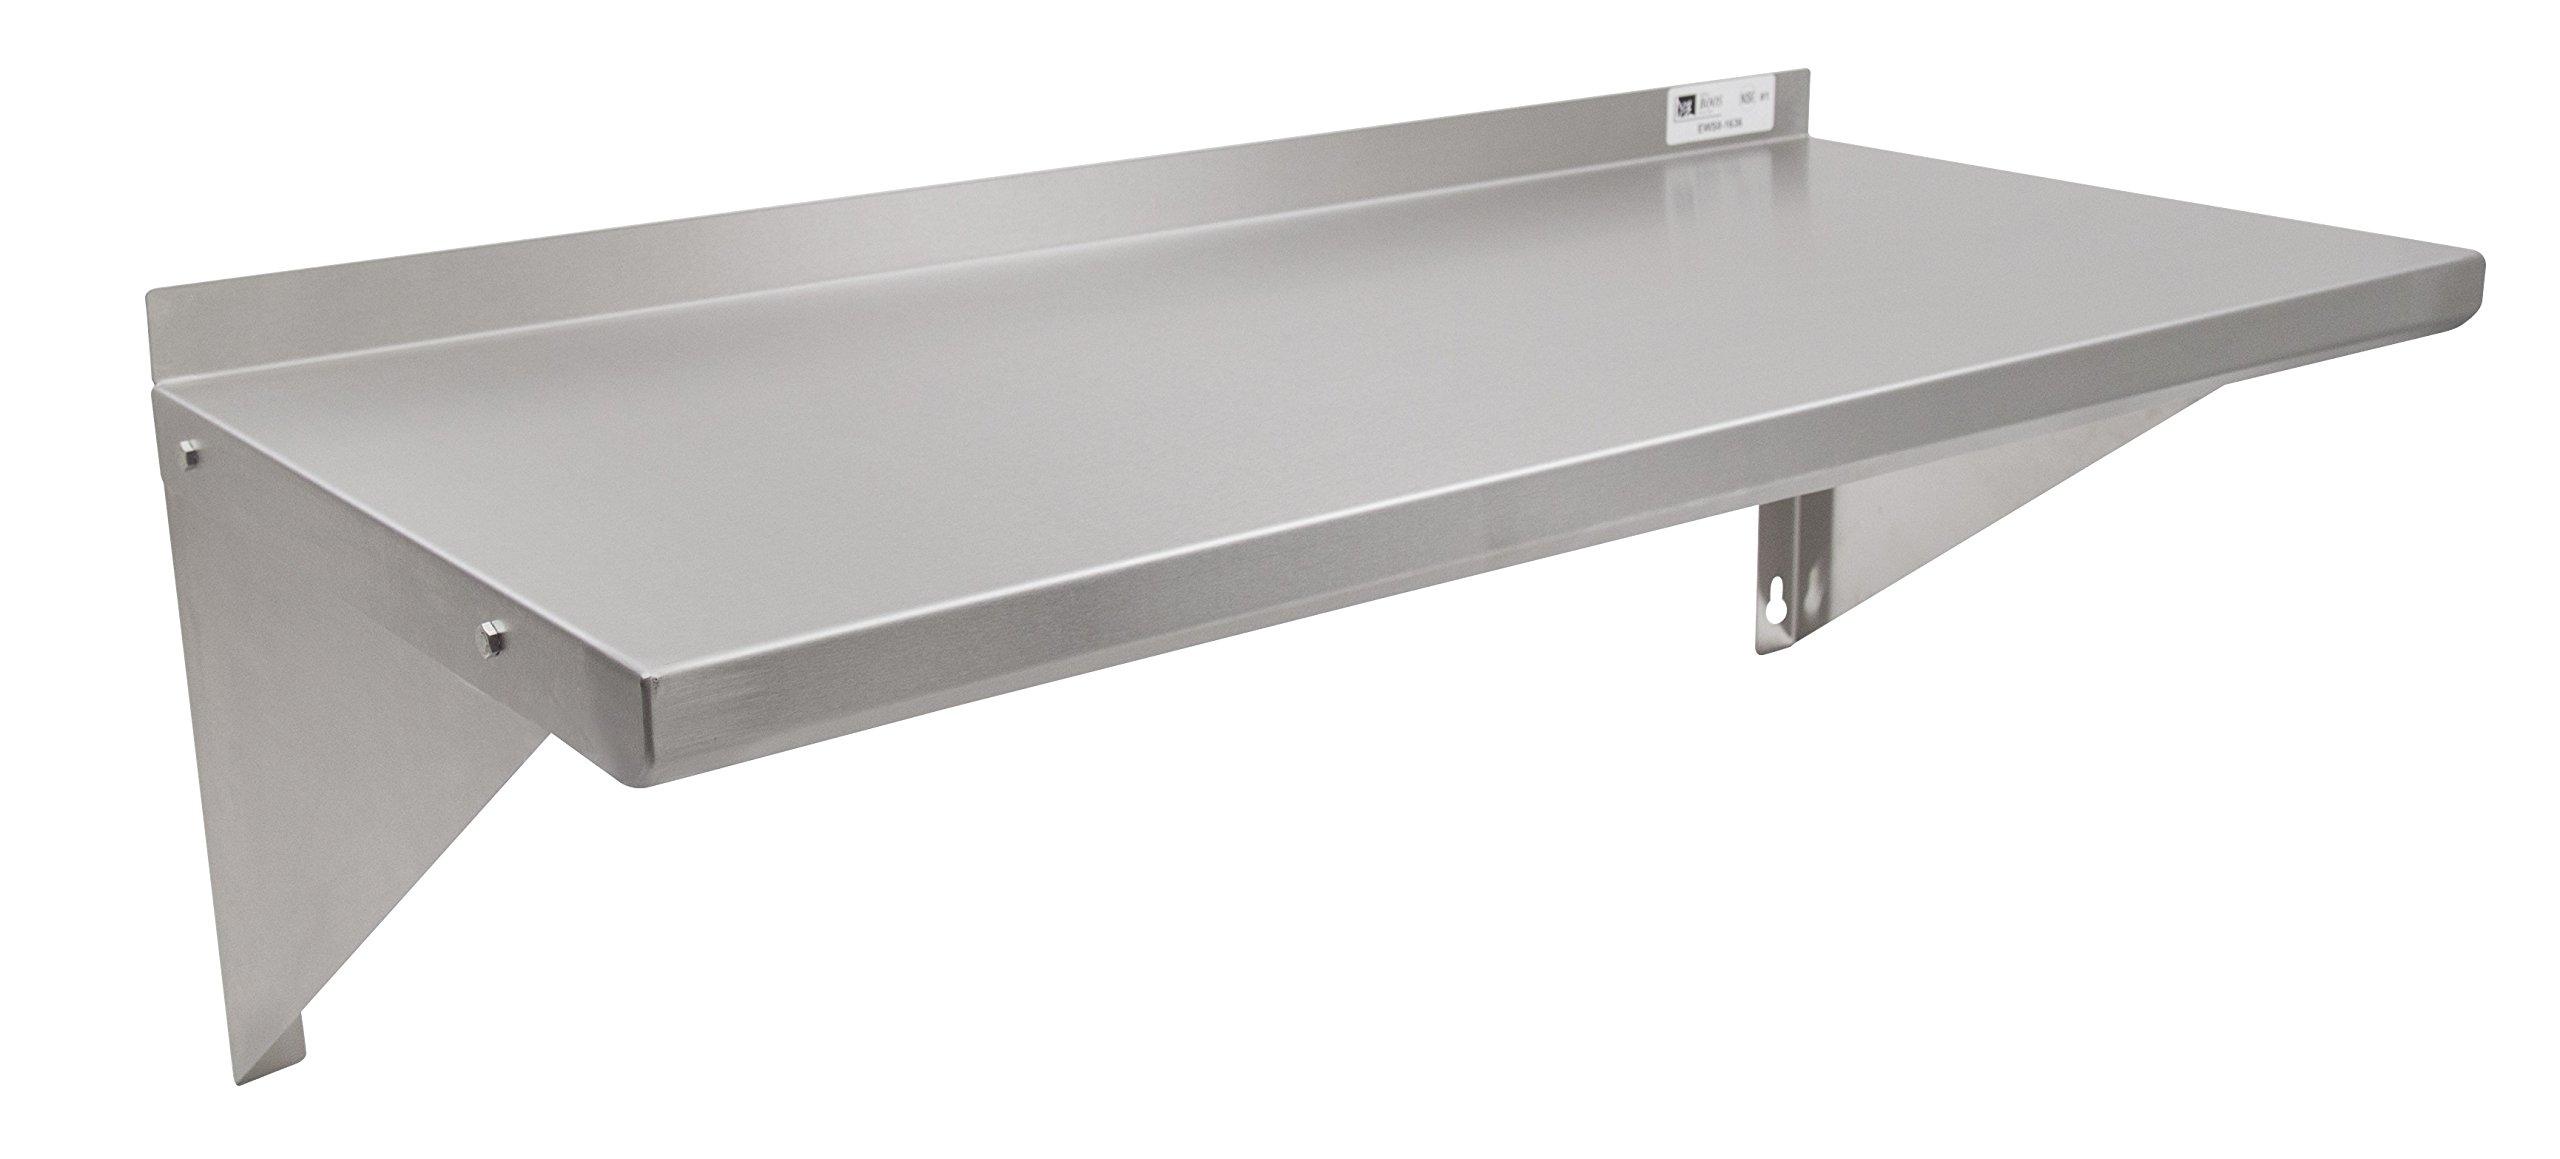 John Boos EWS8-1624 Stainless Steel Standard Wall Shelf, 24'' Length, 16'' Width